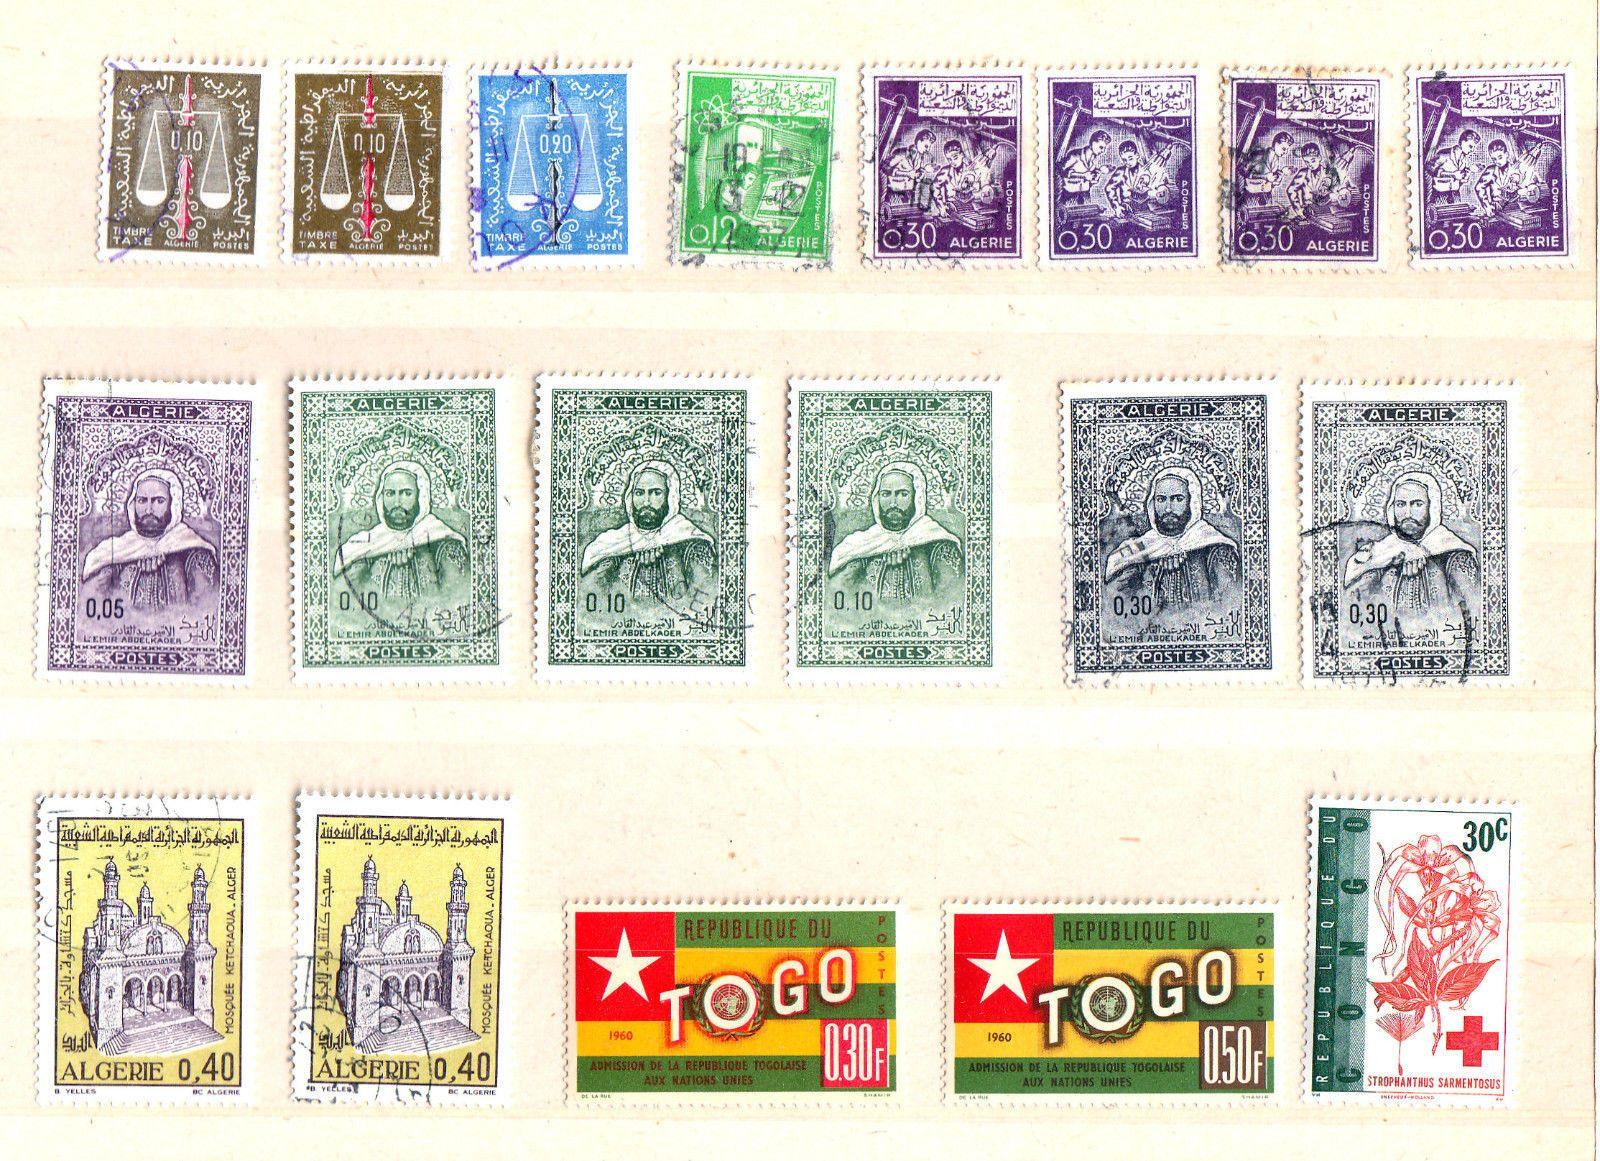 Briefmarken EINZELWERTE A F R I K A ALGERIEN TOGO GUINEA SüD AFRIKAsparen25